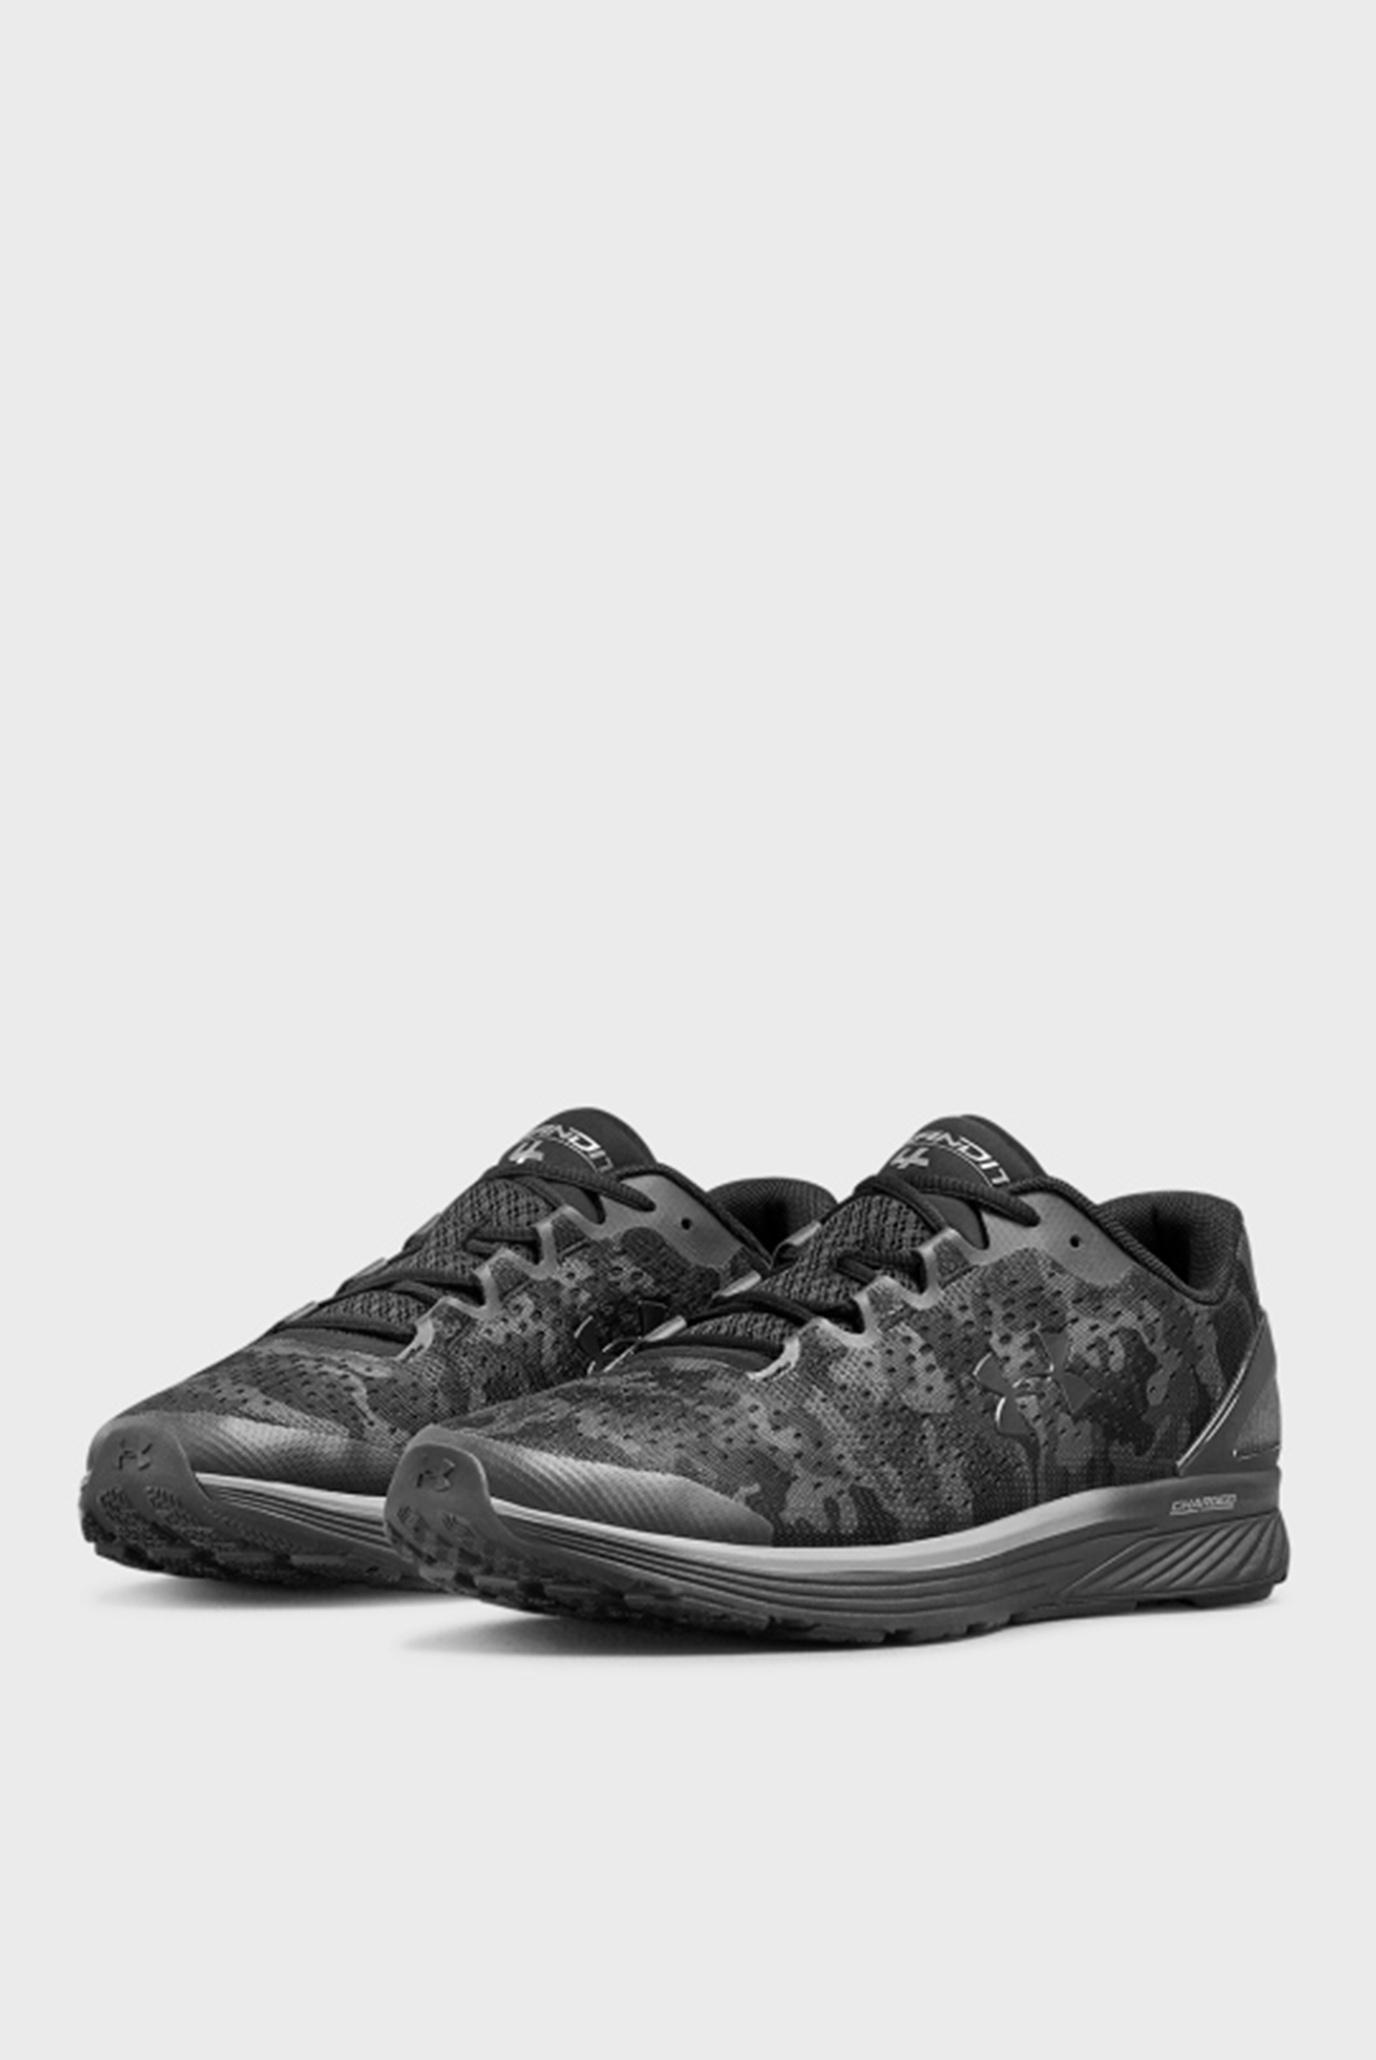 Купить Мужские черные кроссовки UA Charged Bandit 4 GR Under Armour Under Armour 3021643-001 – Киев, Украина. Цены в интернет магазине MD Fashion